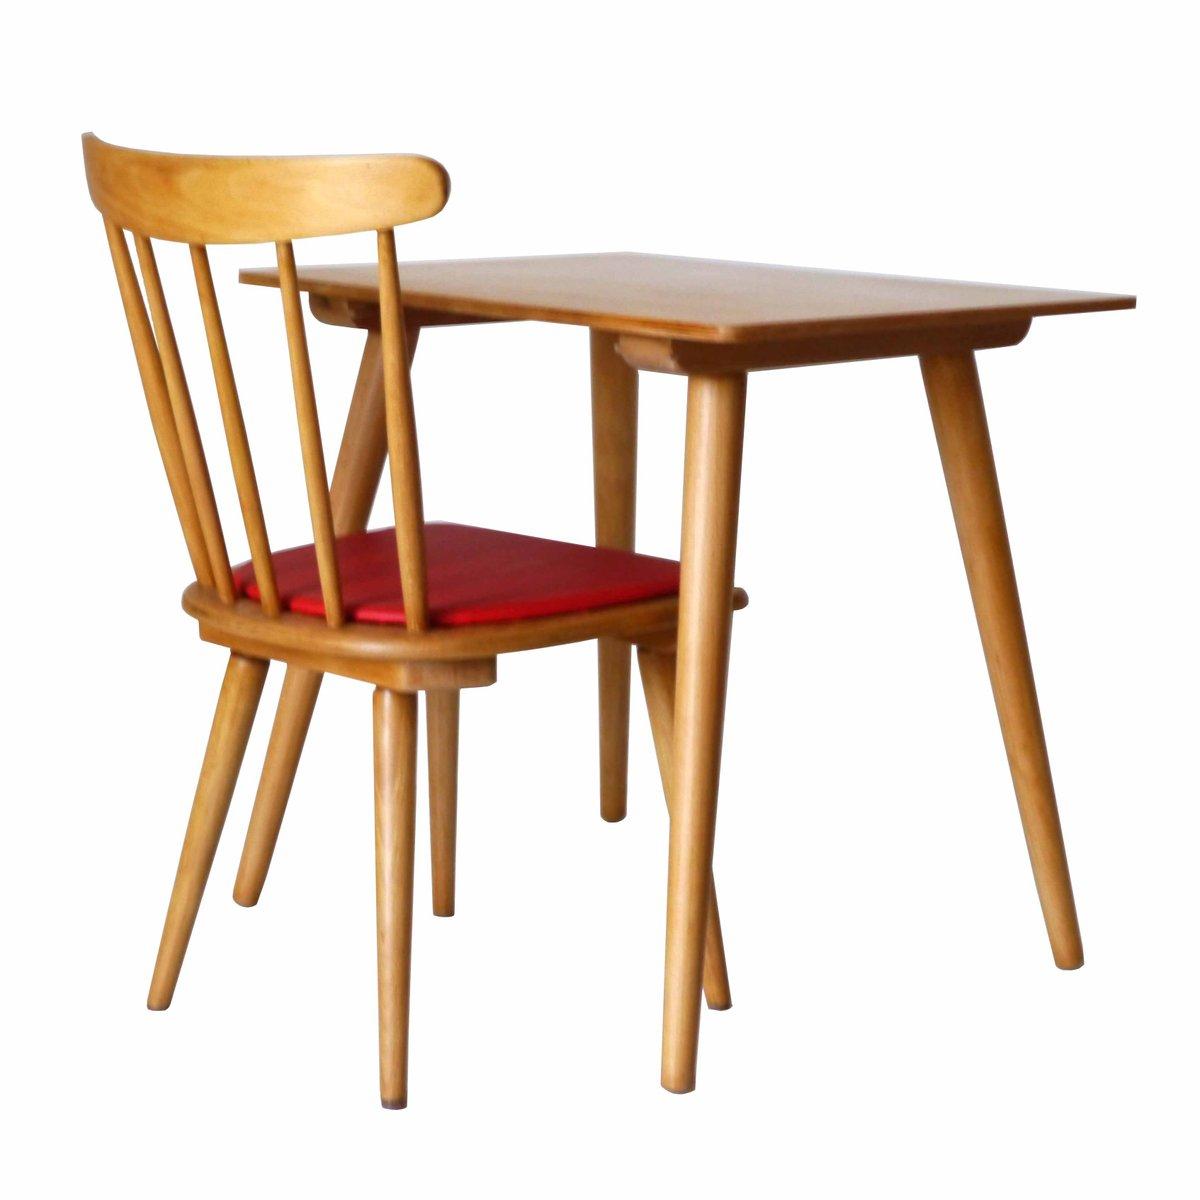 kinder schreibtisch stuhl 1960er bei pamono kaufen. Black Bedroom Furniture Sets. Home Design Ideas